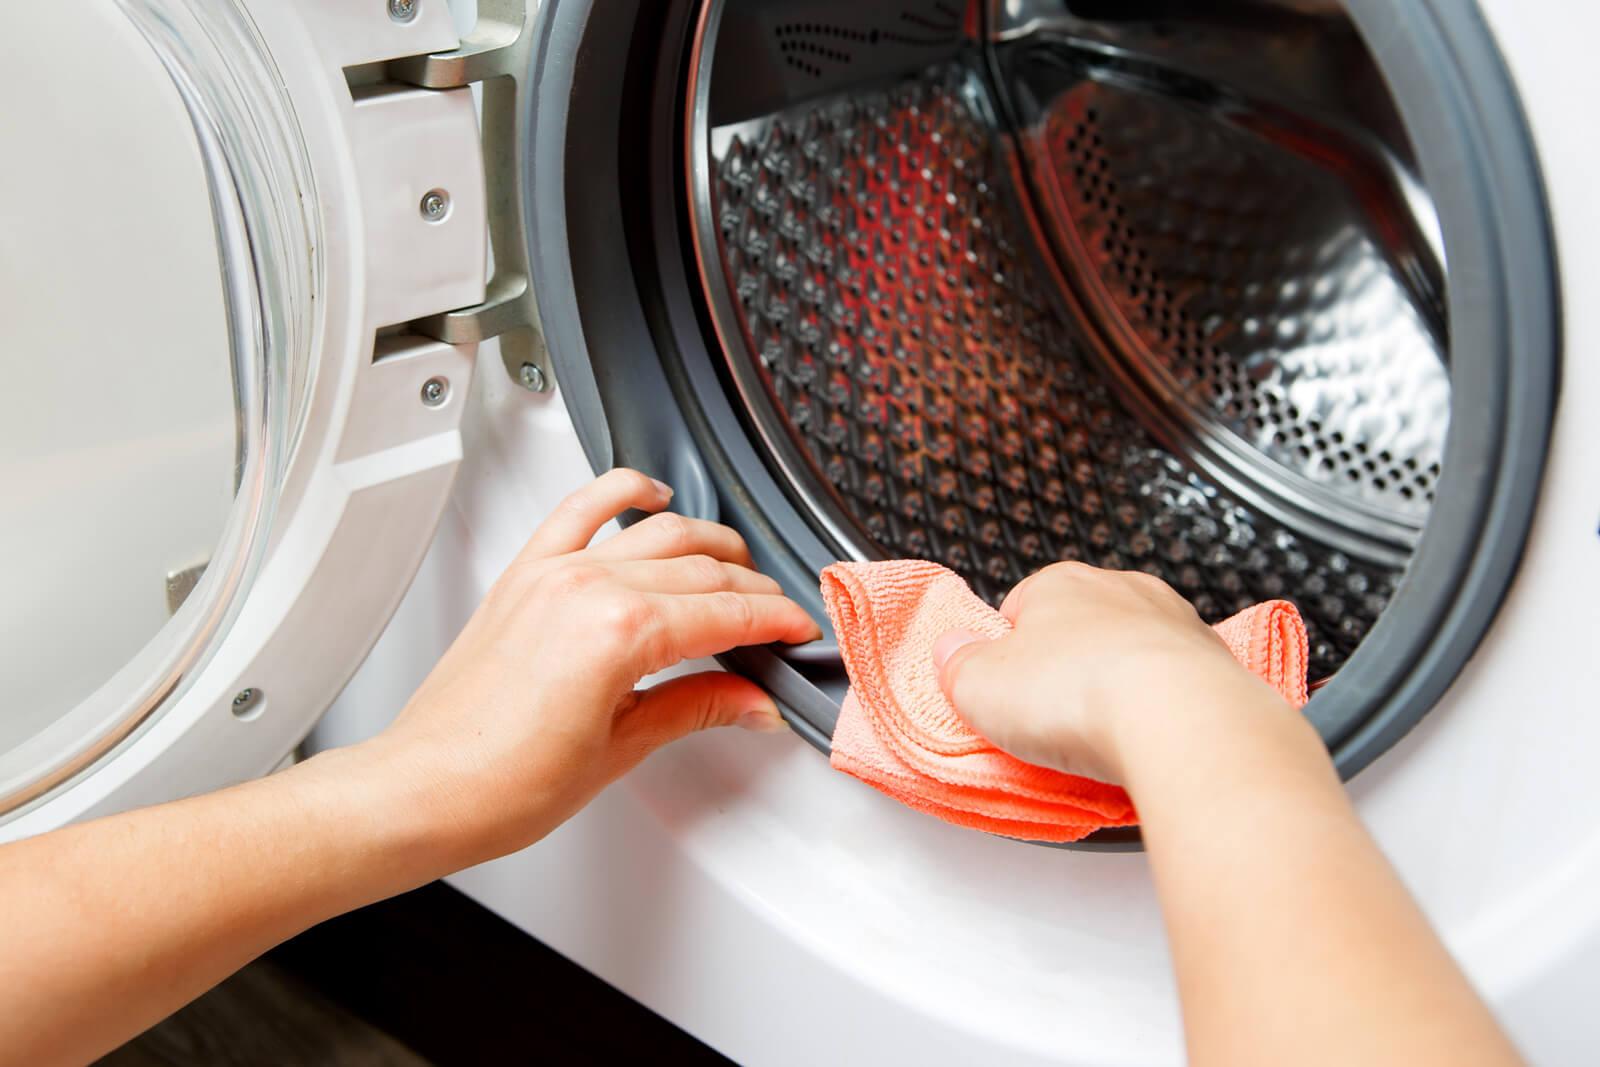 Jak domowym sposobem wyczyścić pralkę?